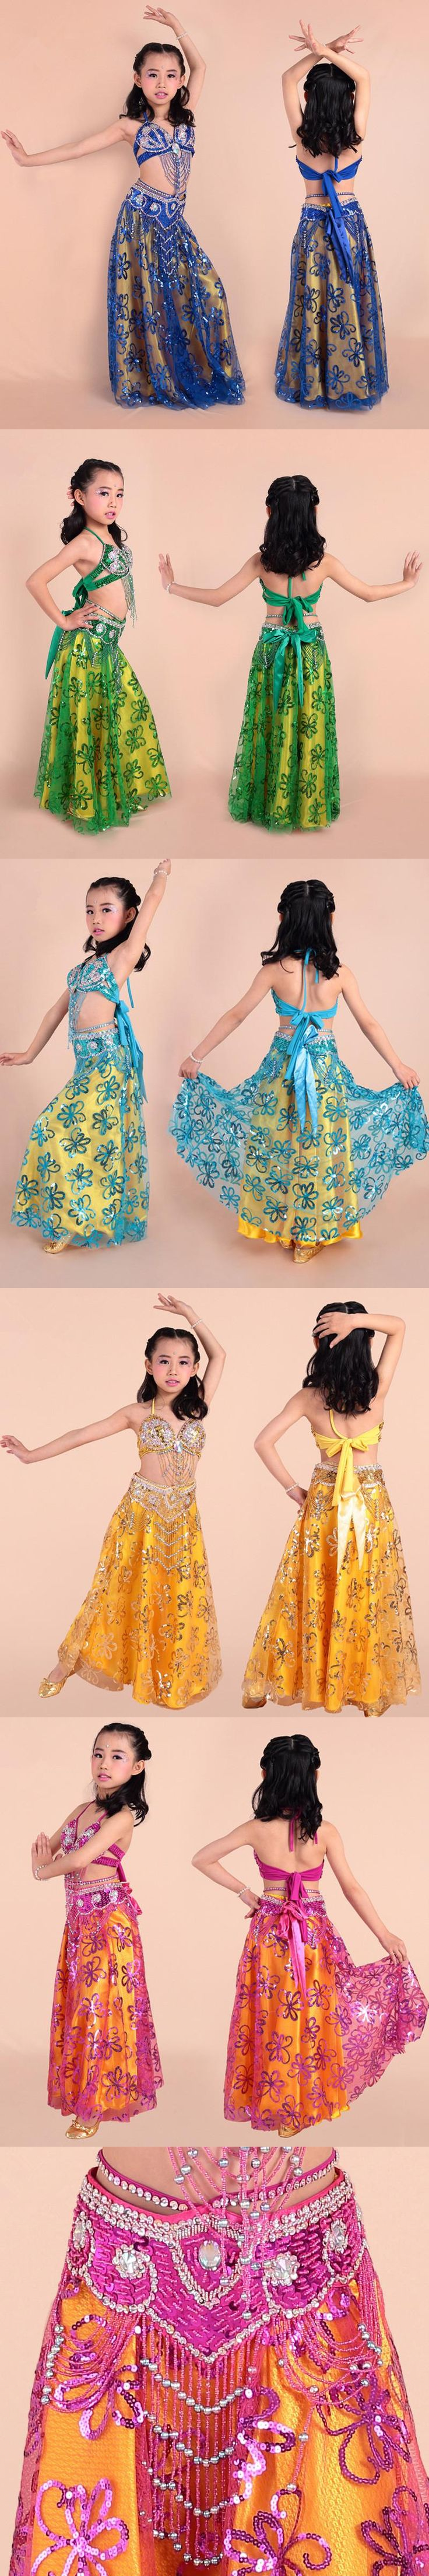 Bright Spot Girl Belly Dance Costumes Children Bellydance Costume for Girls Belly Dance Bollywood Dance Cloth danza del vientre